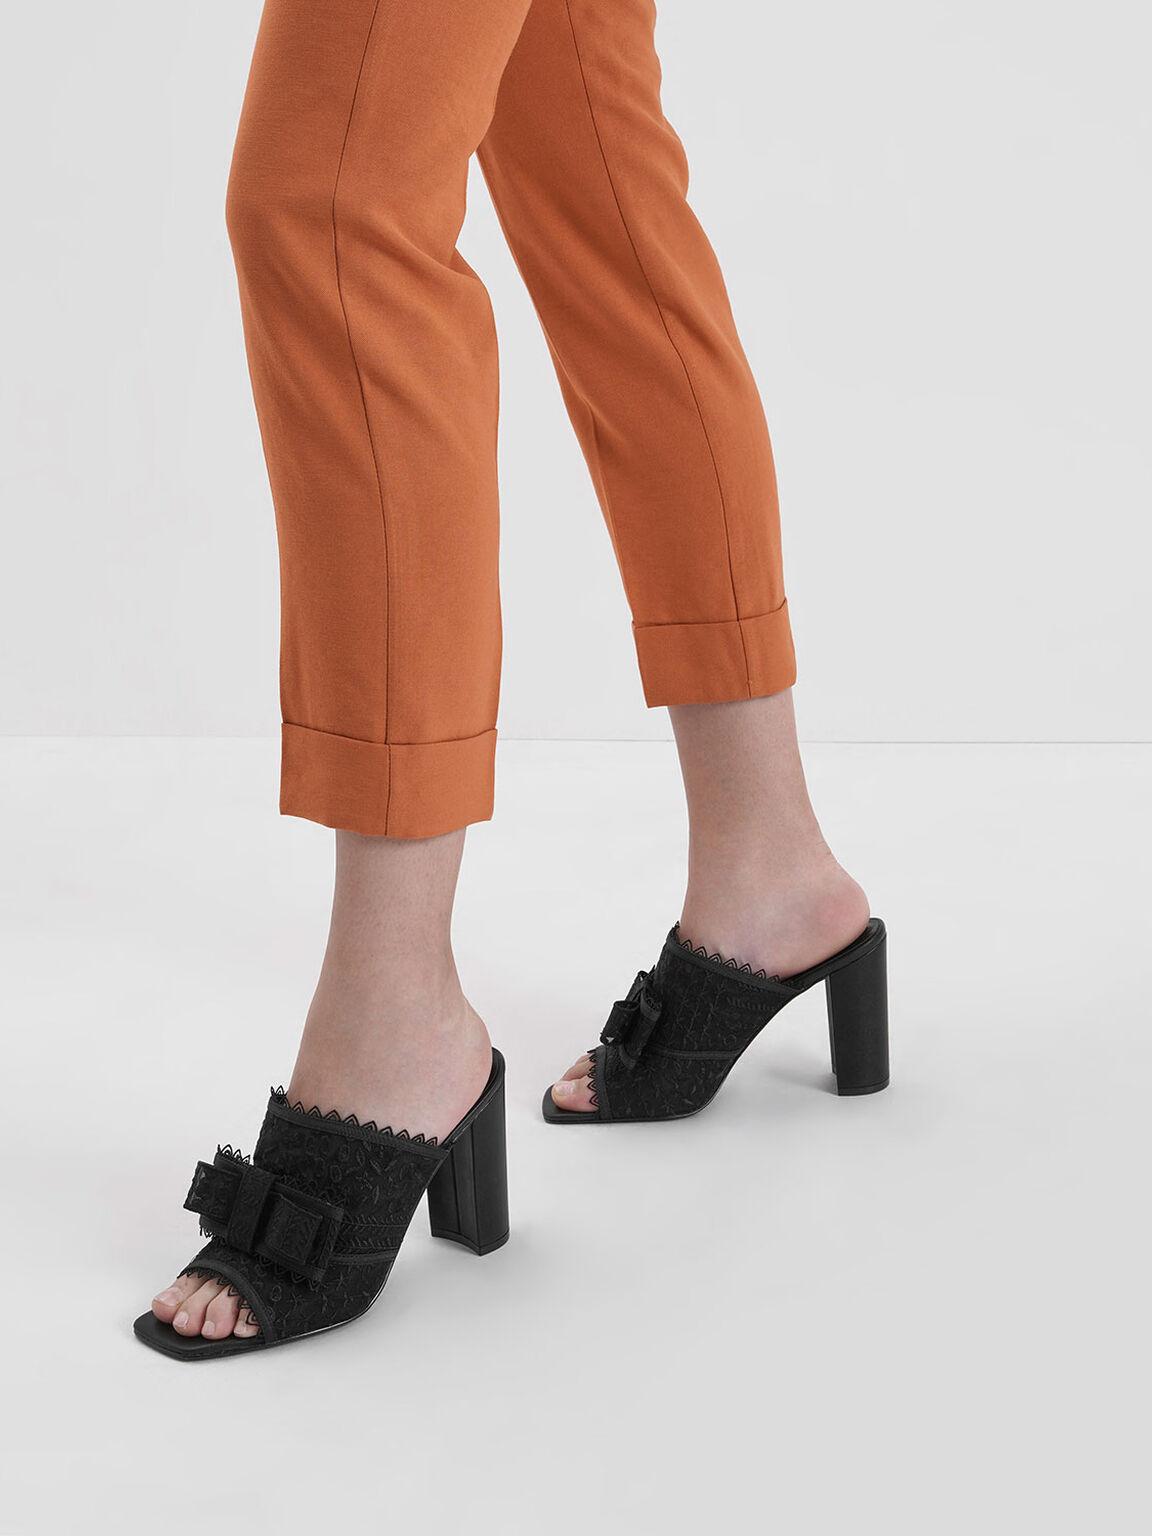 網紗蝴蝶結穆勒鞋, 黑色, hi-res